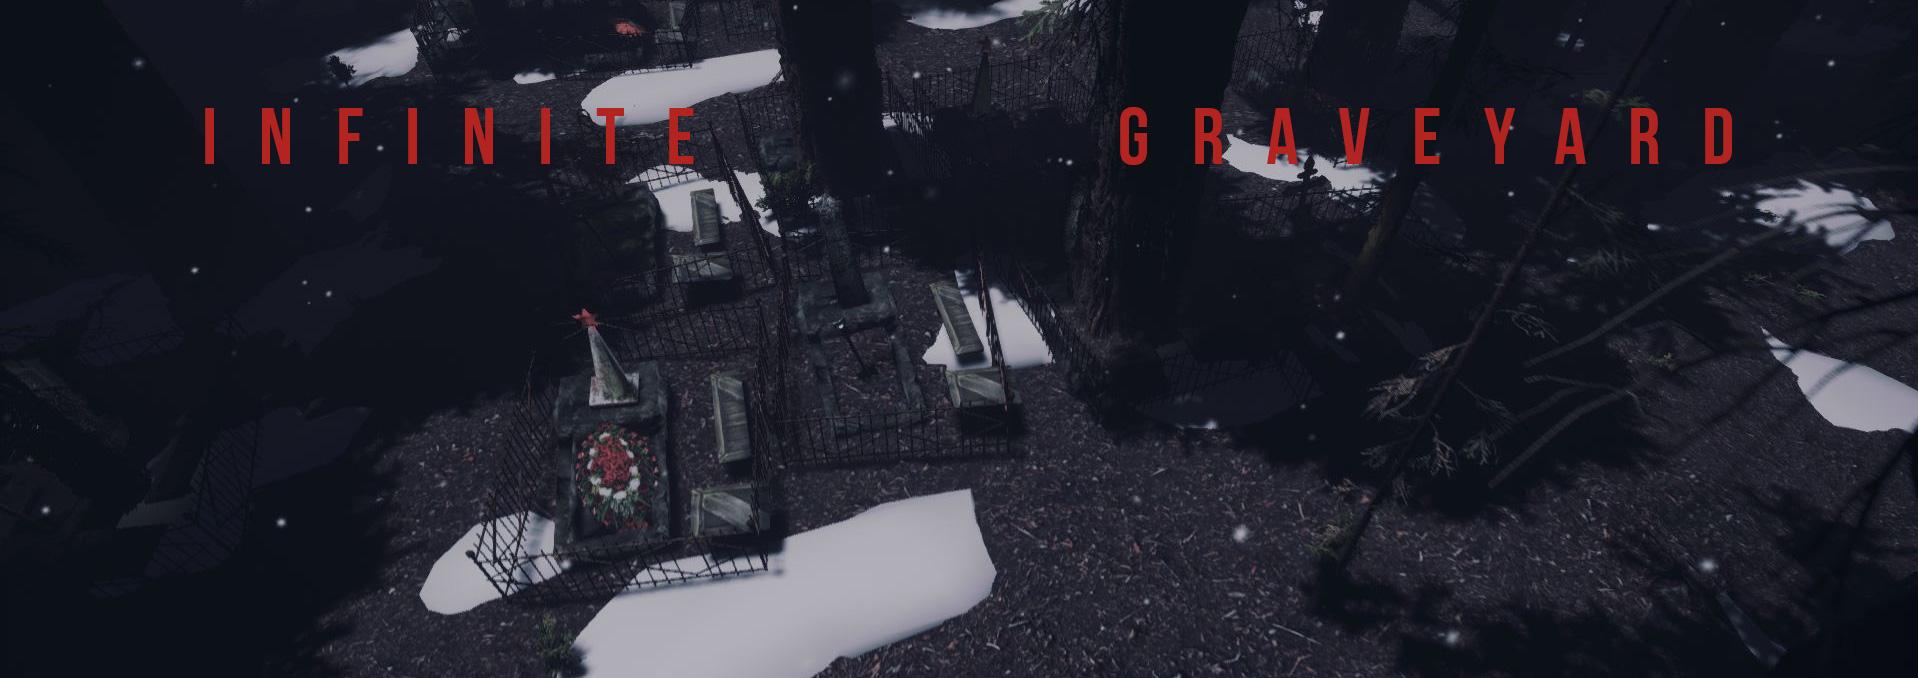 Infinite Graveyard